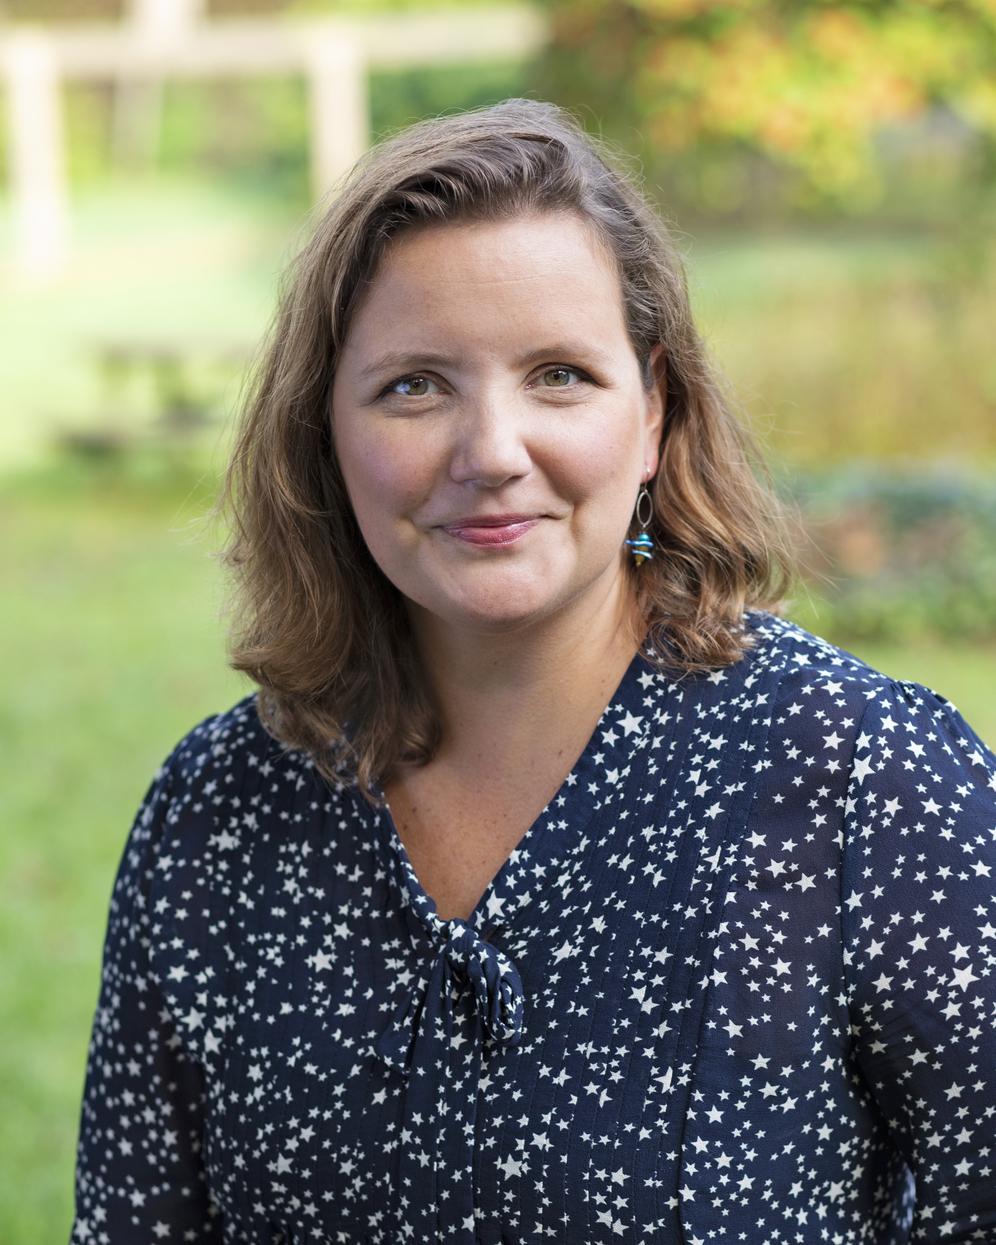 Melissa Watson